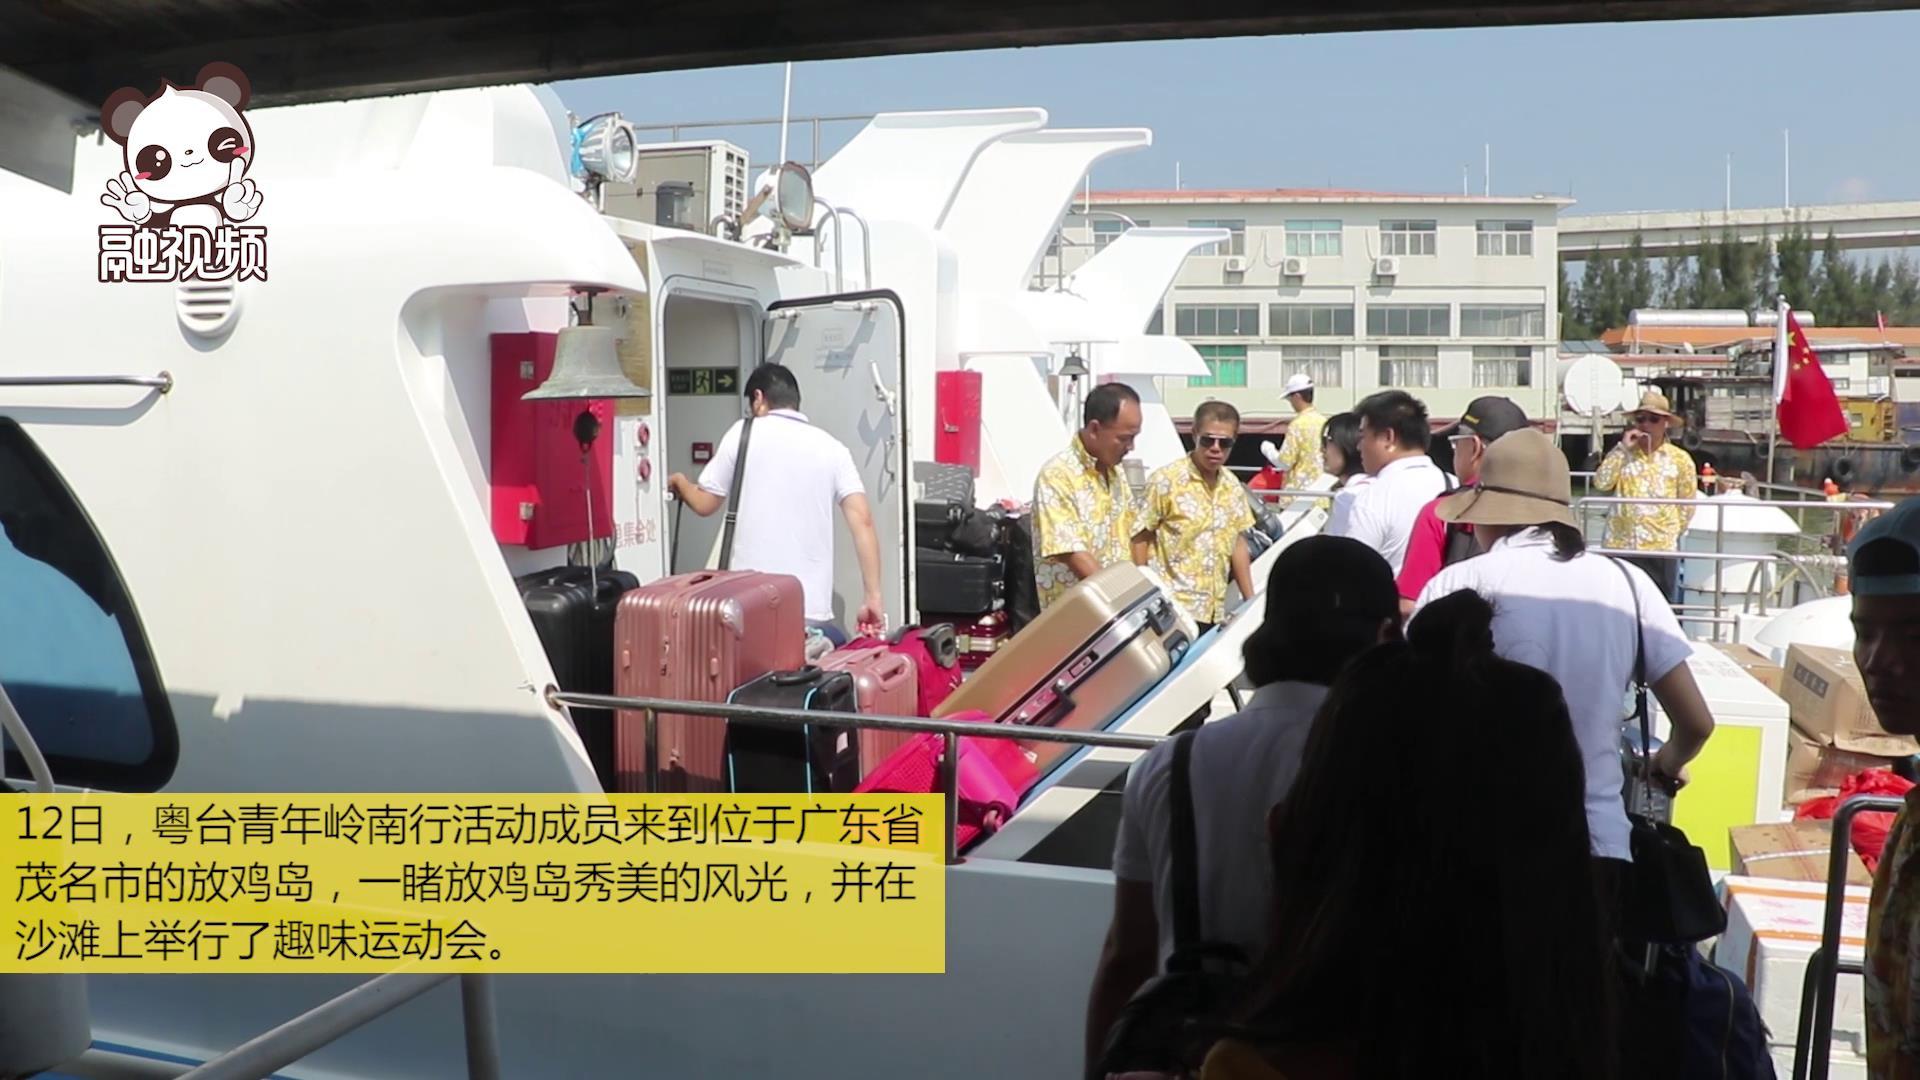 粤台青年岭南行活动成员来到位于广东省茂名市的放鸡岛图片